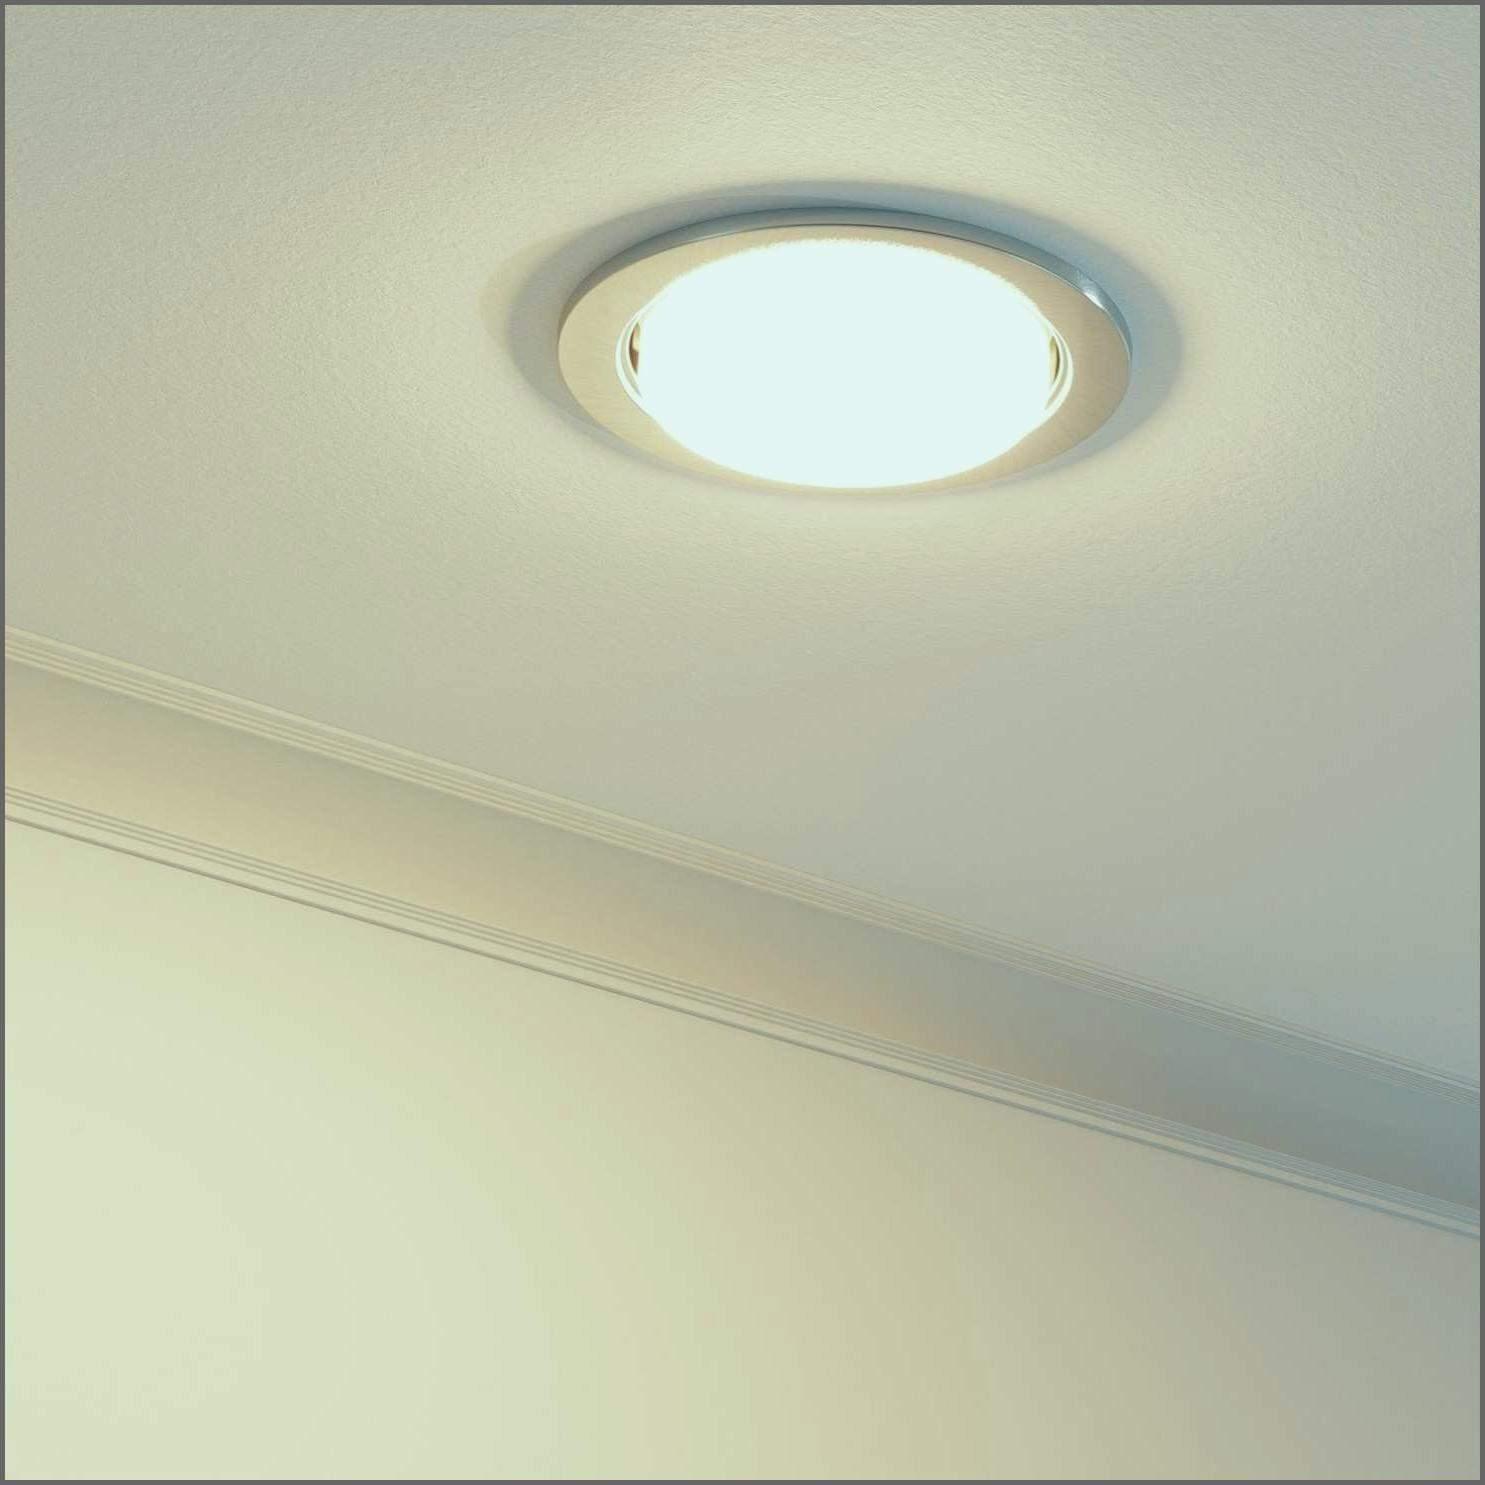 Full Size of Deckenleuchte Wohnzimmer Led Dimmbar Deckenlampe Stehlampe Deckenleuchten Lampen Indirekte Beleuchtung Teppich Moderne Wohnzimmer Deckenleuchte Wohnzimmer Led Dimmbar